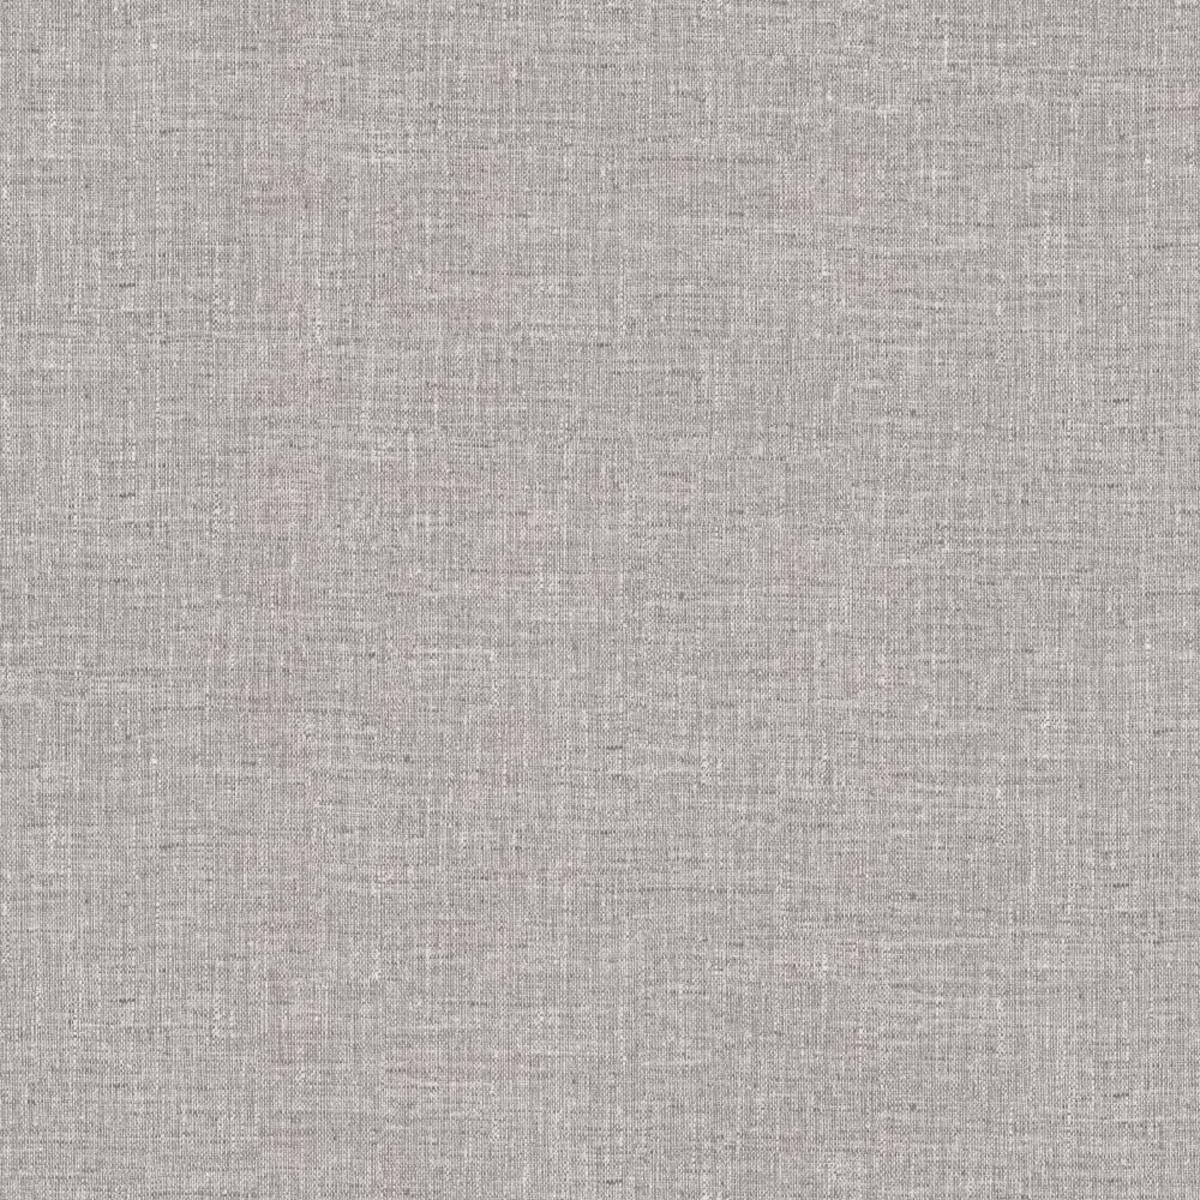 Обои виниловые Trend Color Gradient TC71336-44 1.06 м